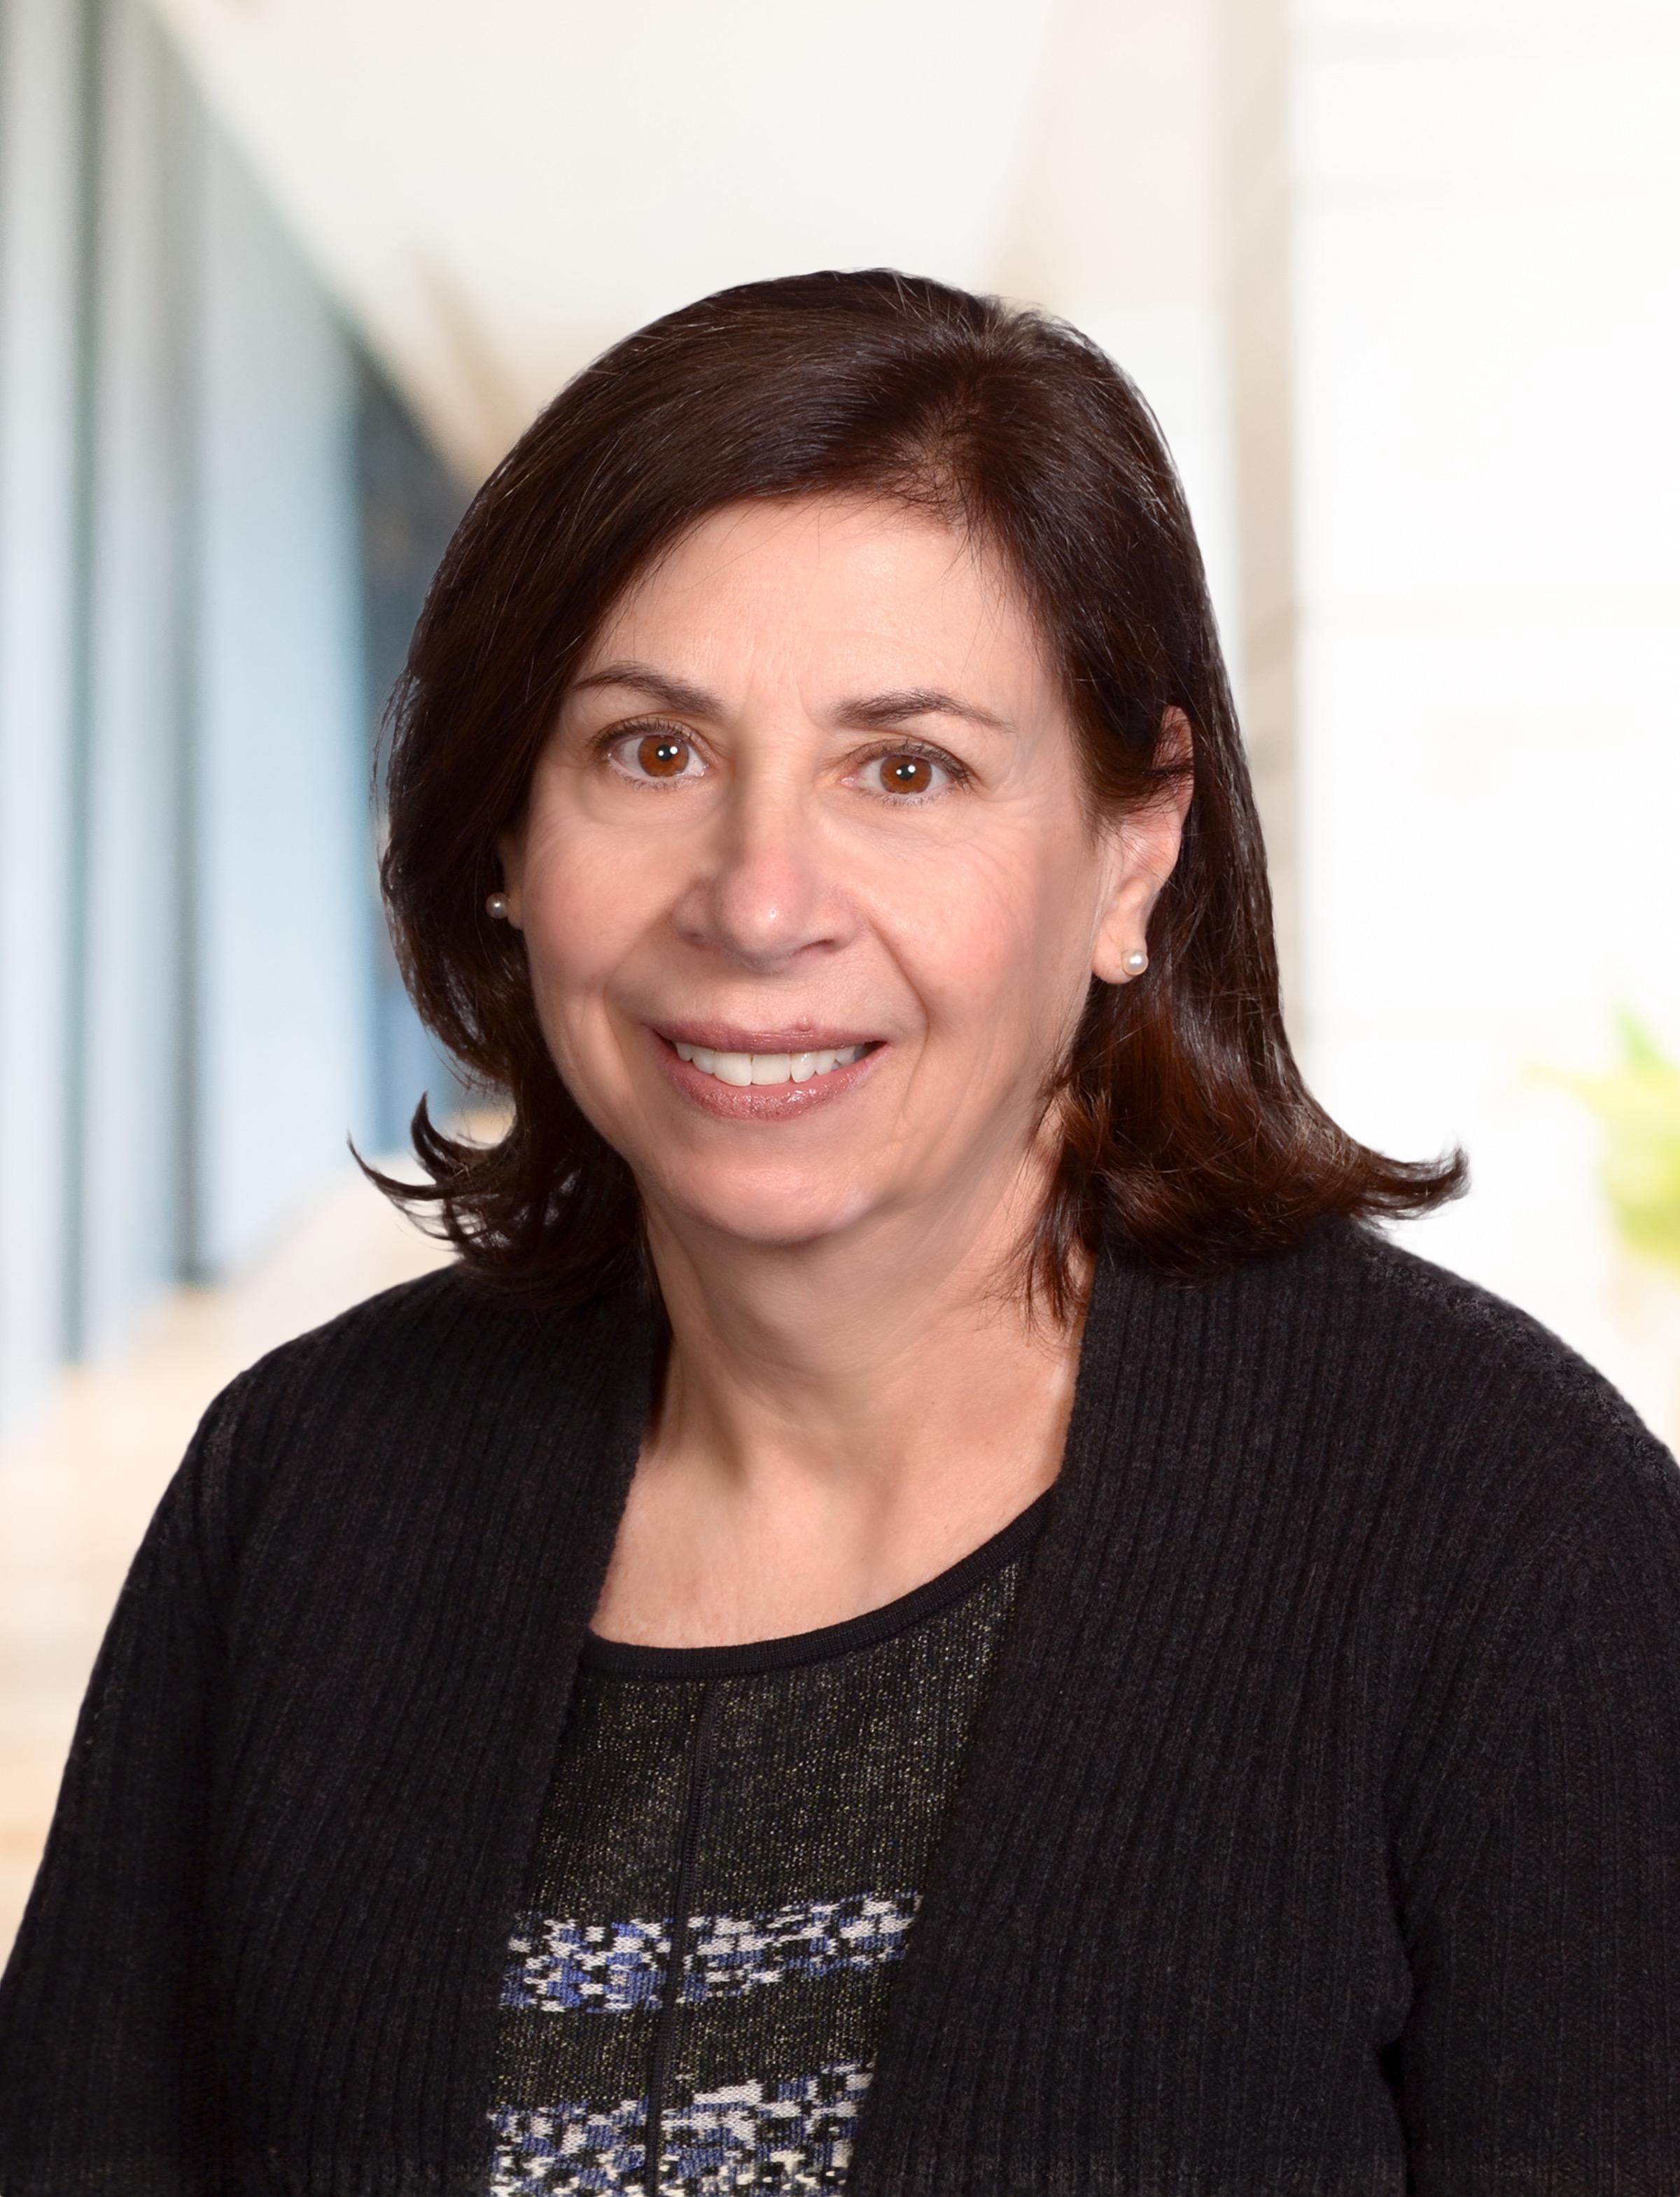 Cathy Nocera